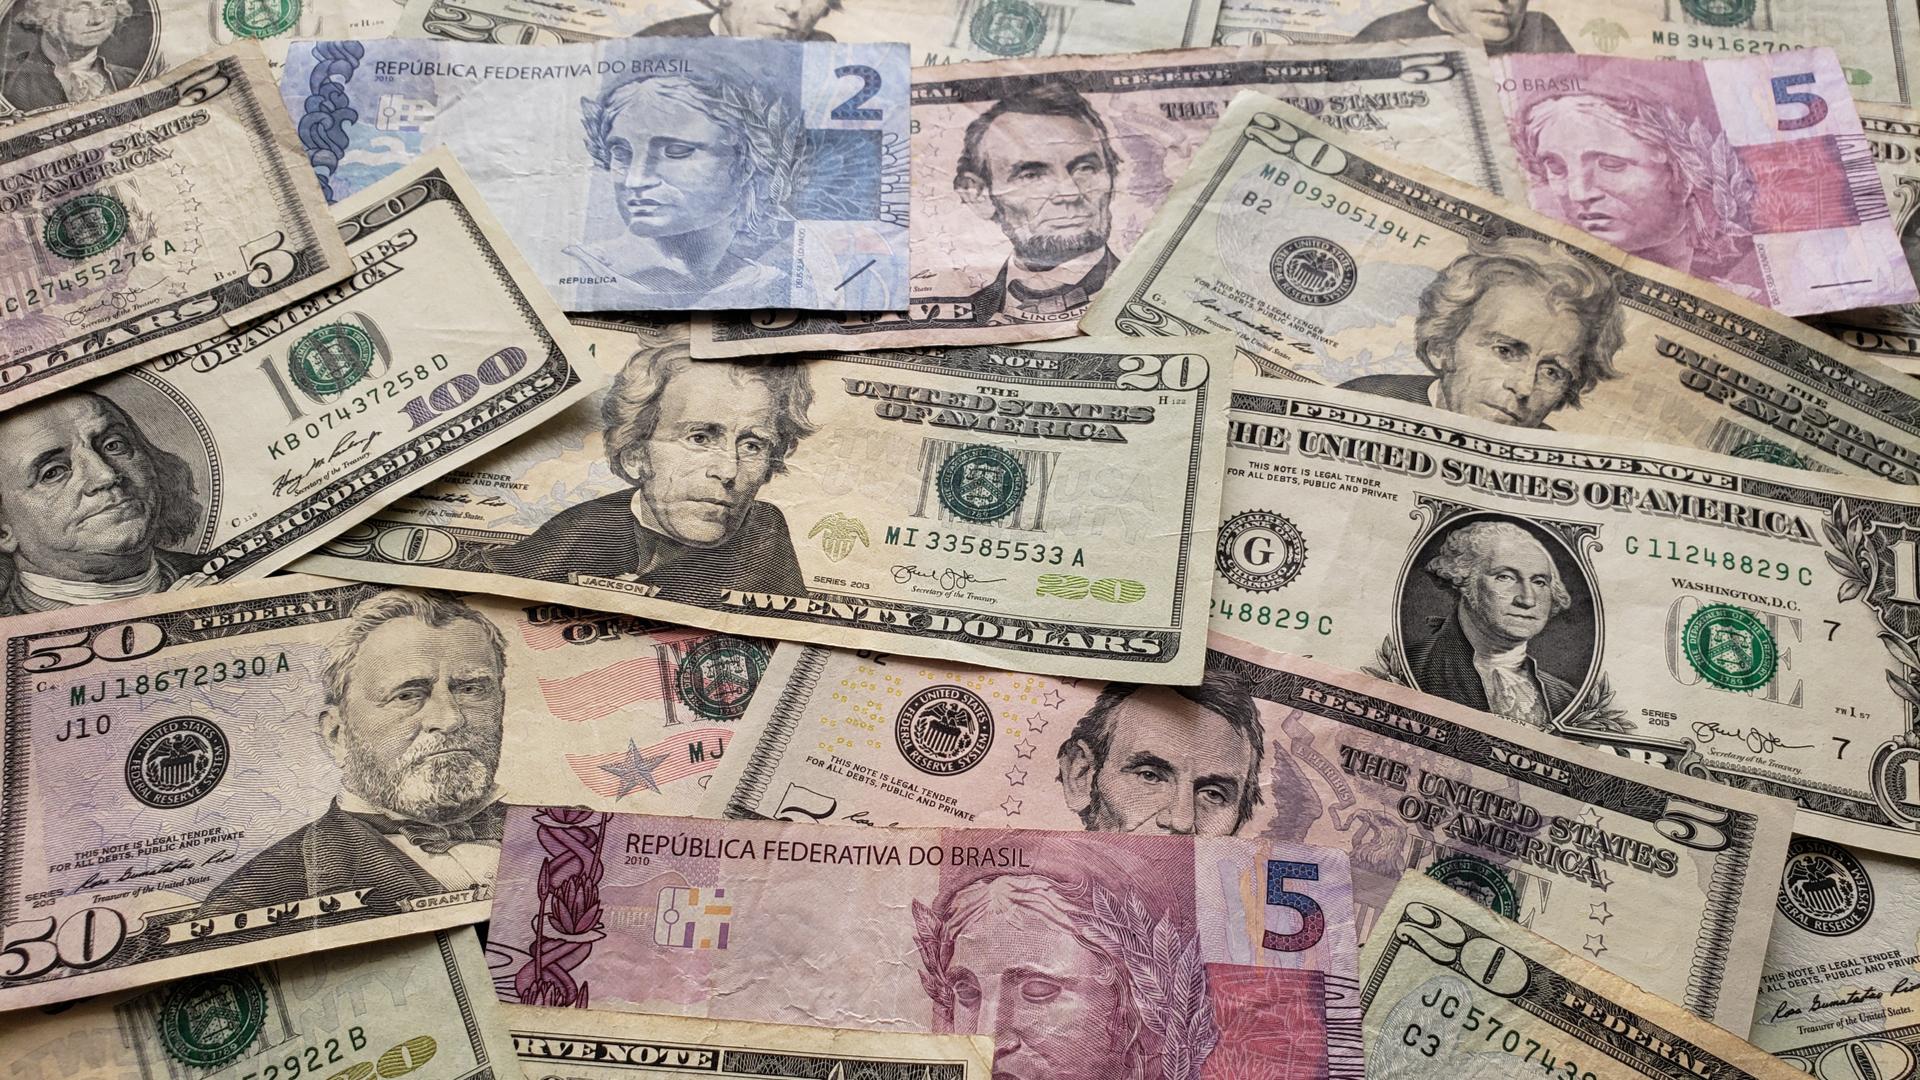 Dólar real câmbio